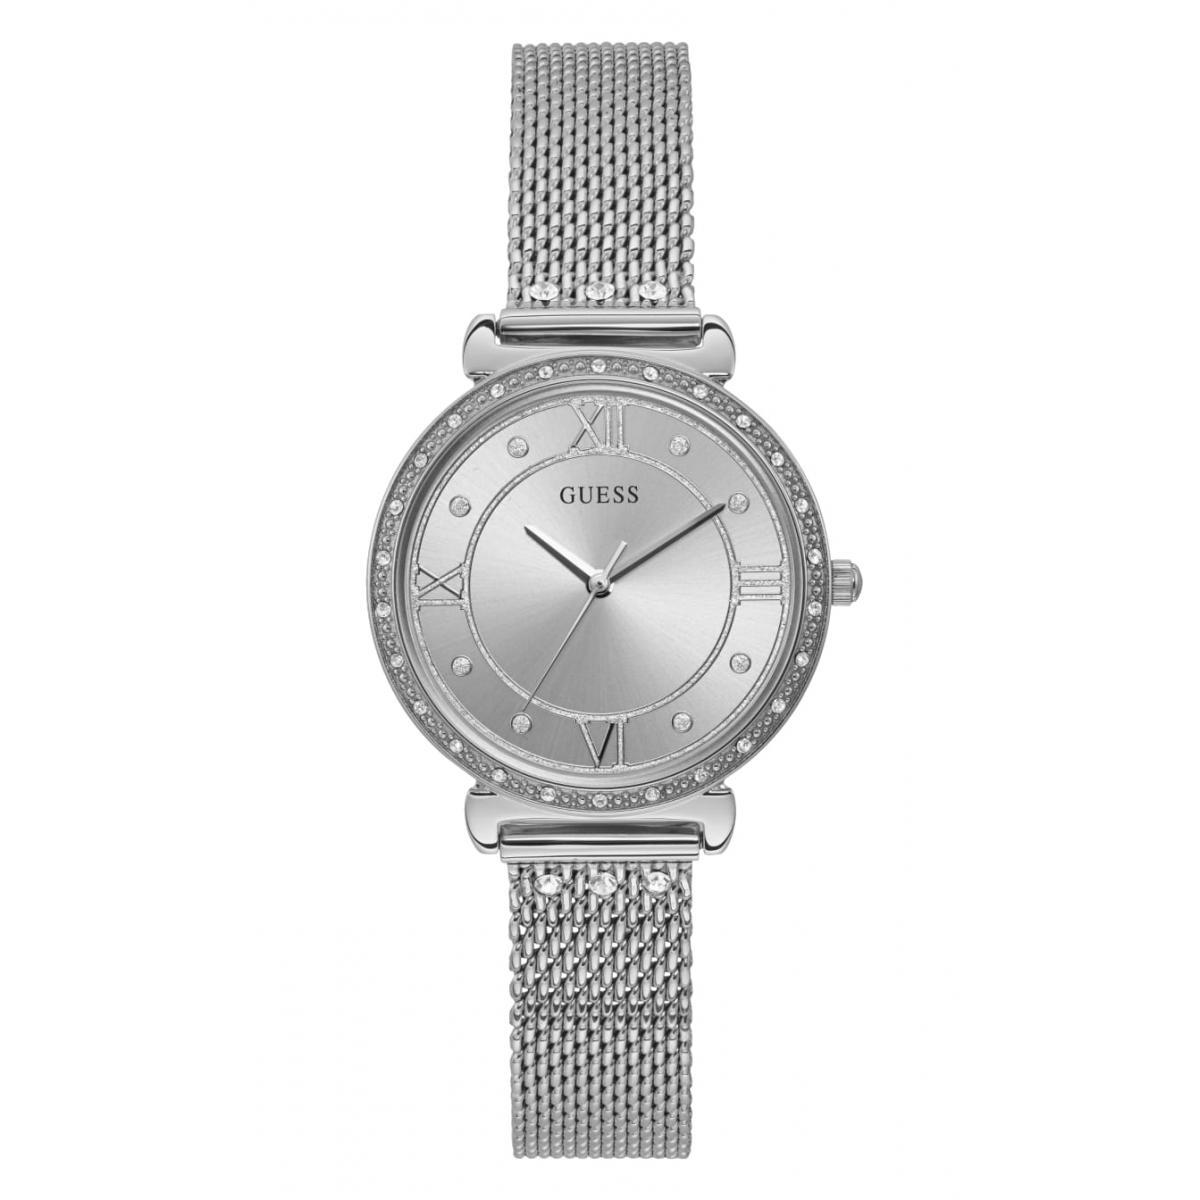 Montre Guess W1289L1 JEWEL Boîtier acier brillant avec cristaux cadran argenté avec cristaux bracelet maille milanaise acier avec cristaux Femme